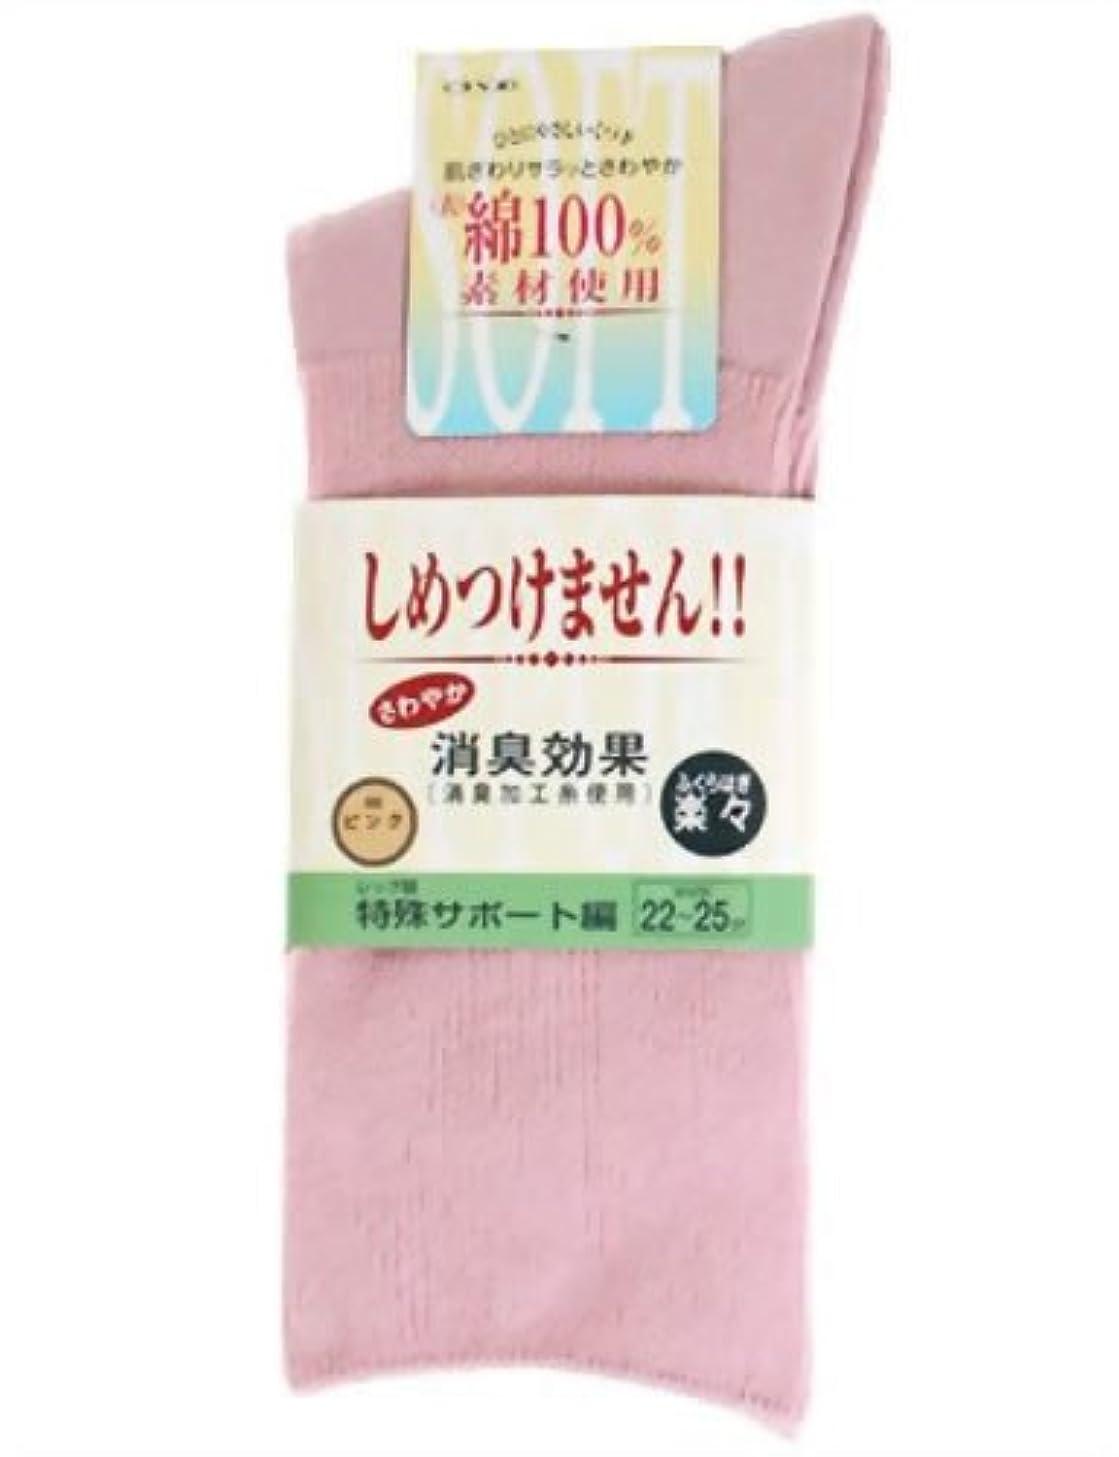 教科書そのぼろふくらはぎ楽らくソックス 婦人 春夏用 ピンク /7-1633-02